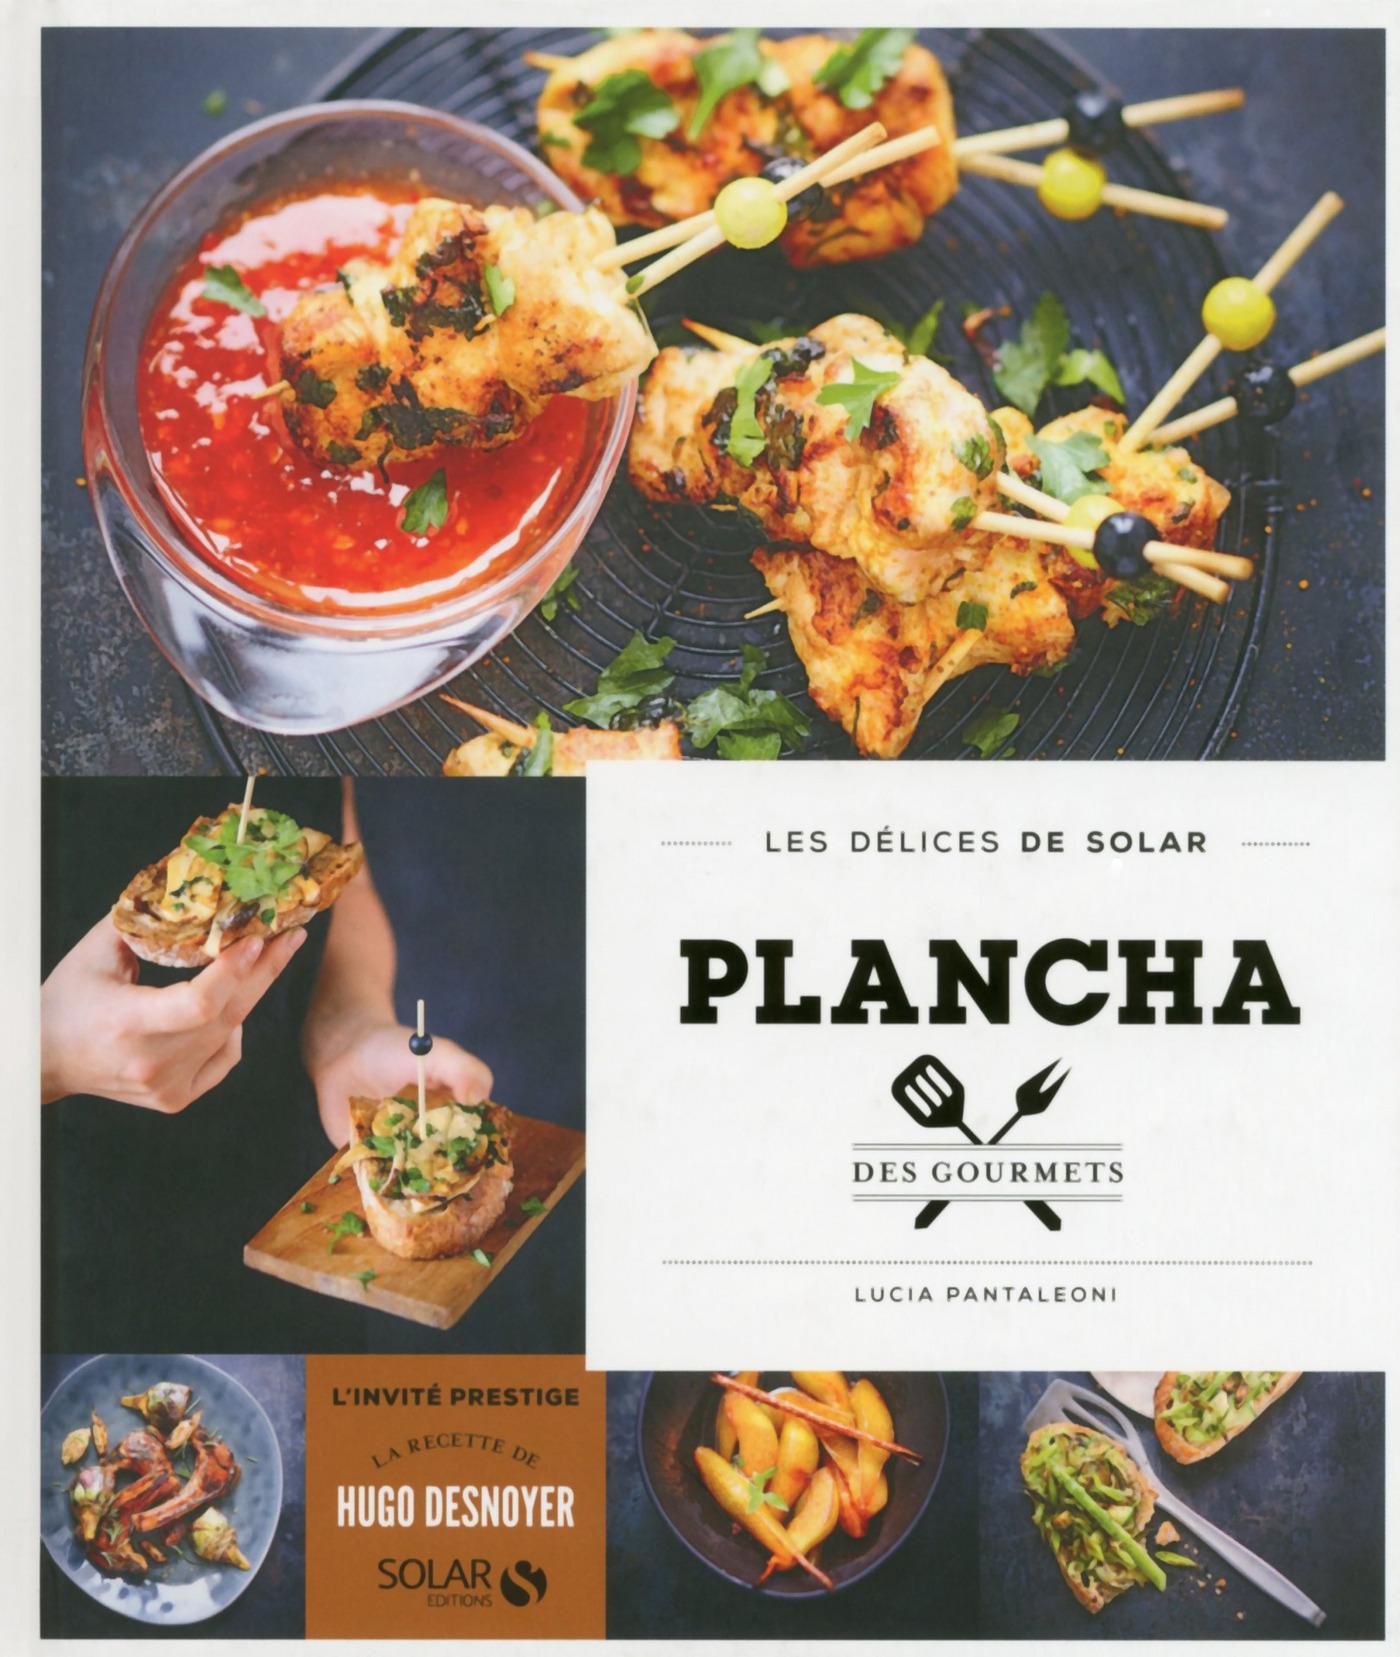 Plancha des gourmets - Les délices de Solar (ebook)